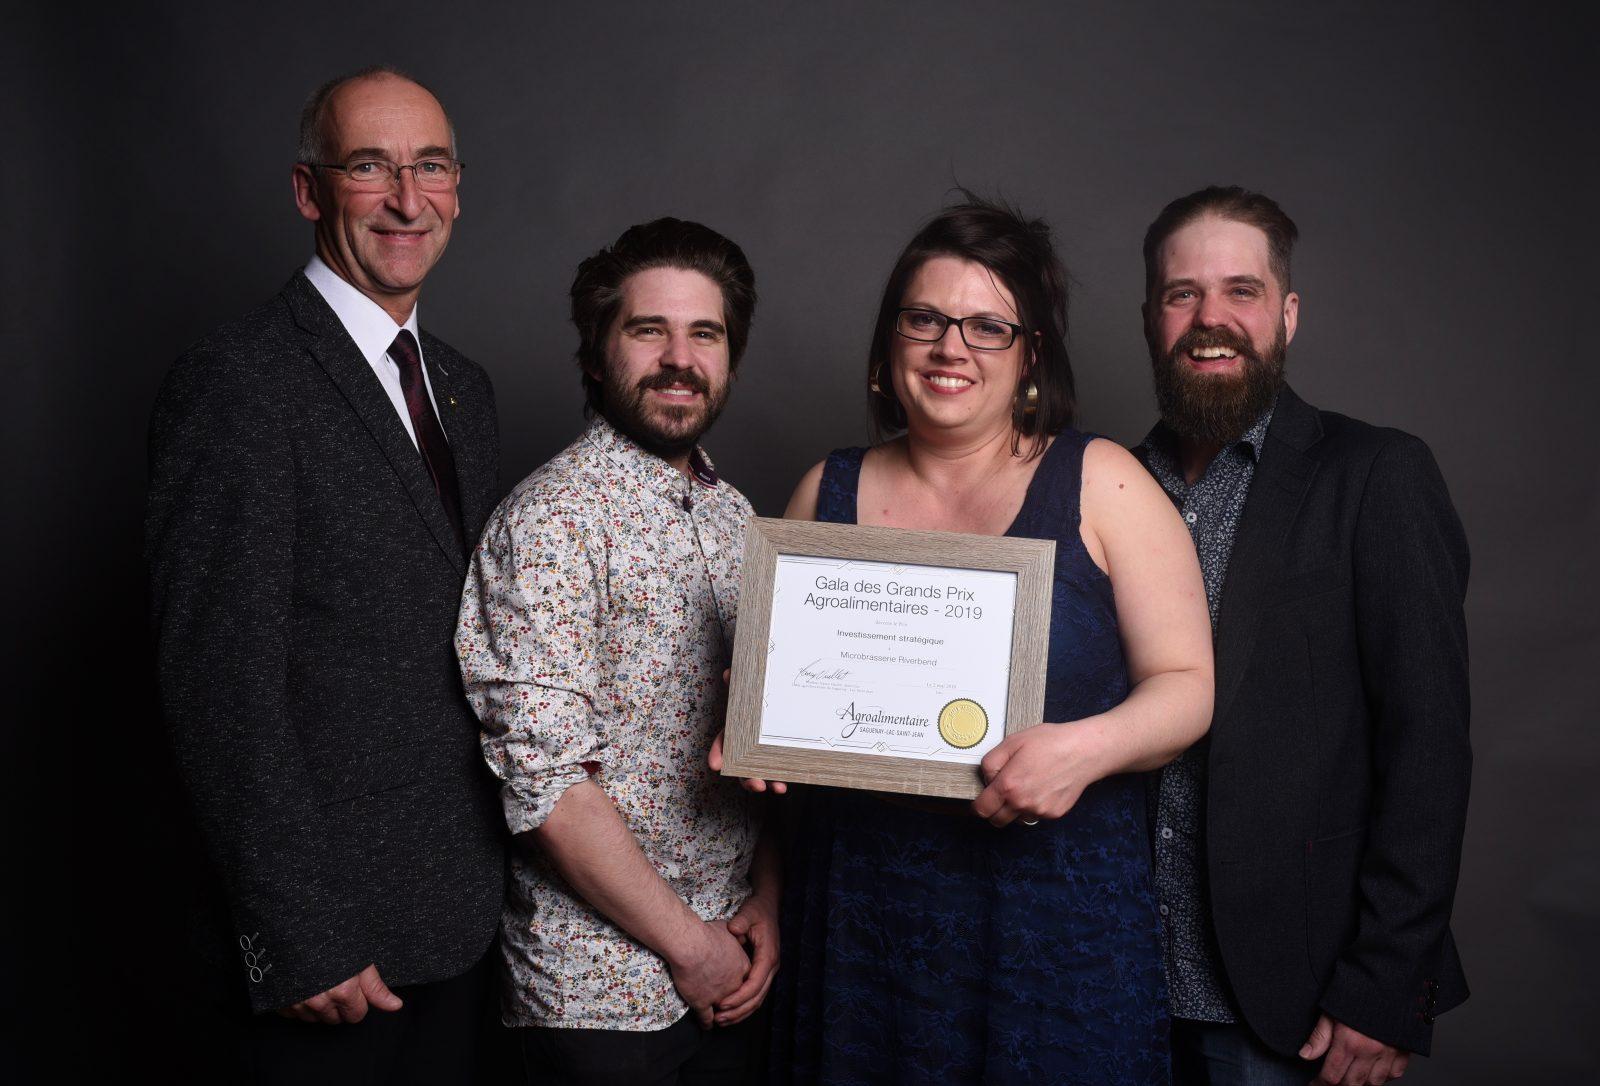 Gala des Grands Prix Agroalimentaires : Huit entreprises récompensées